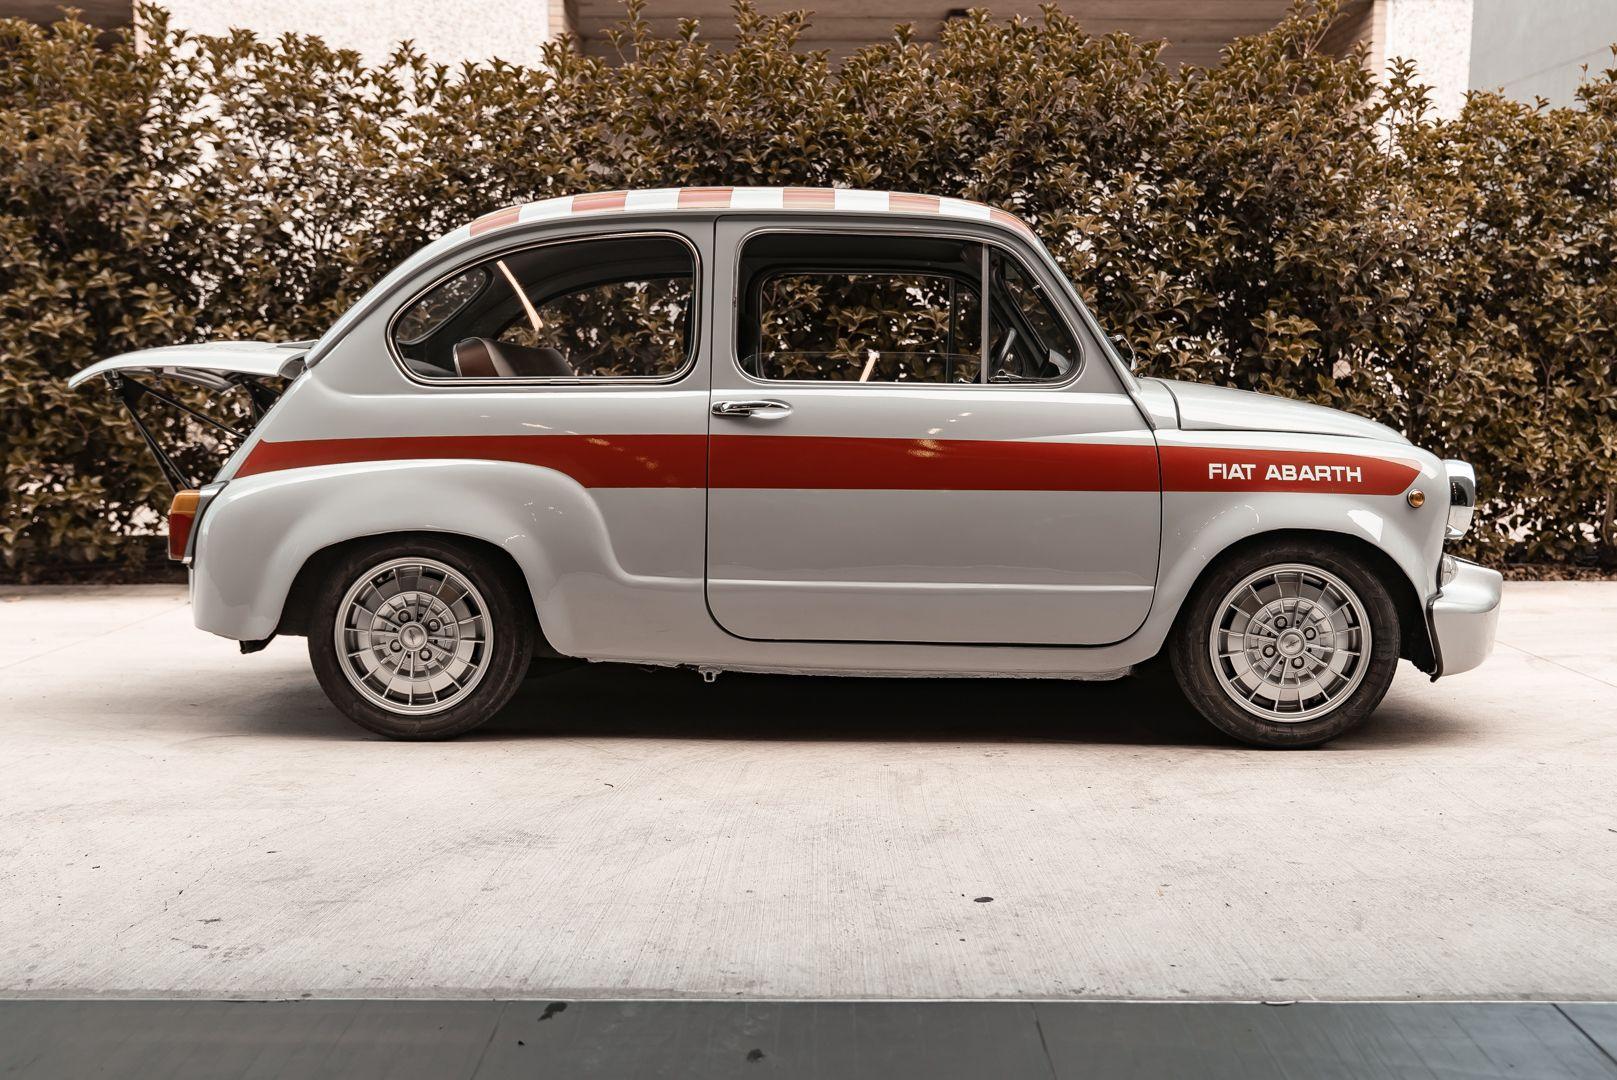 1967 Fiat 600 D Abarth Replica 80456